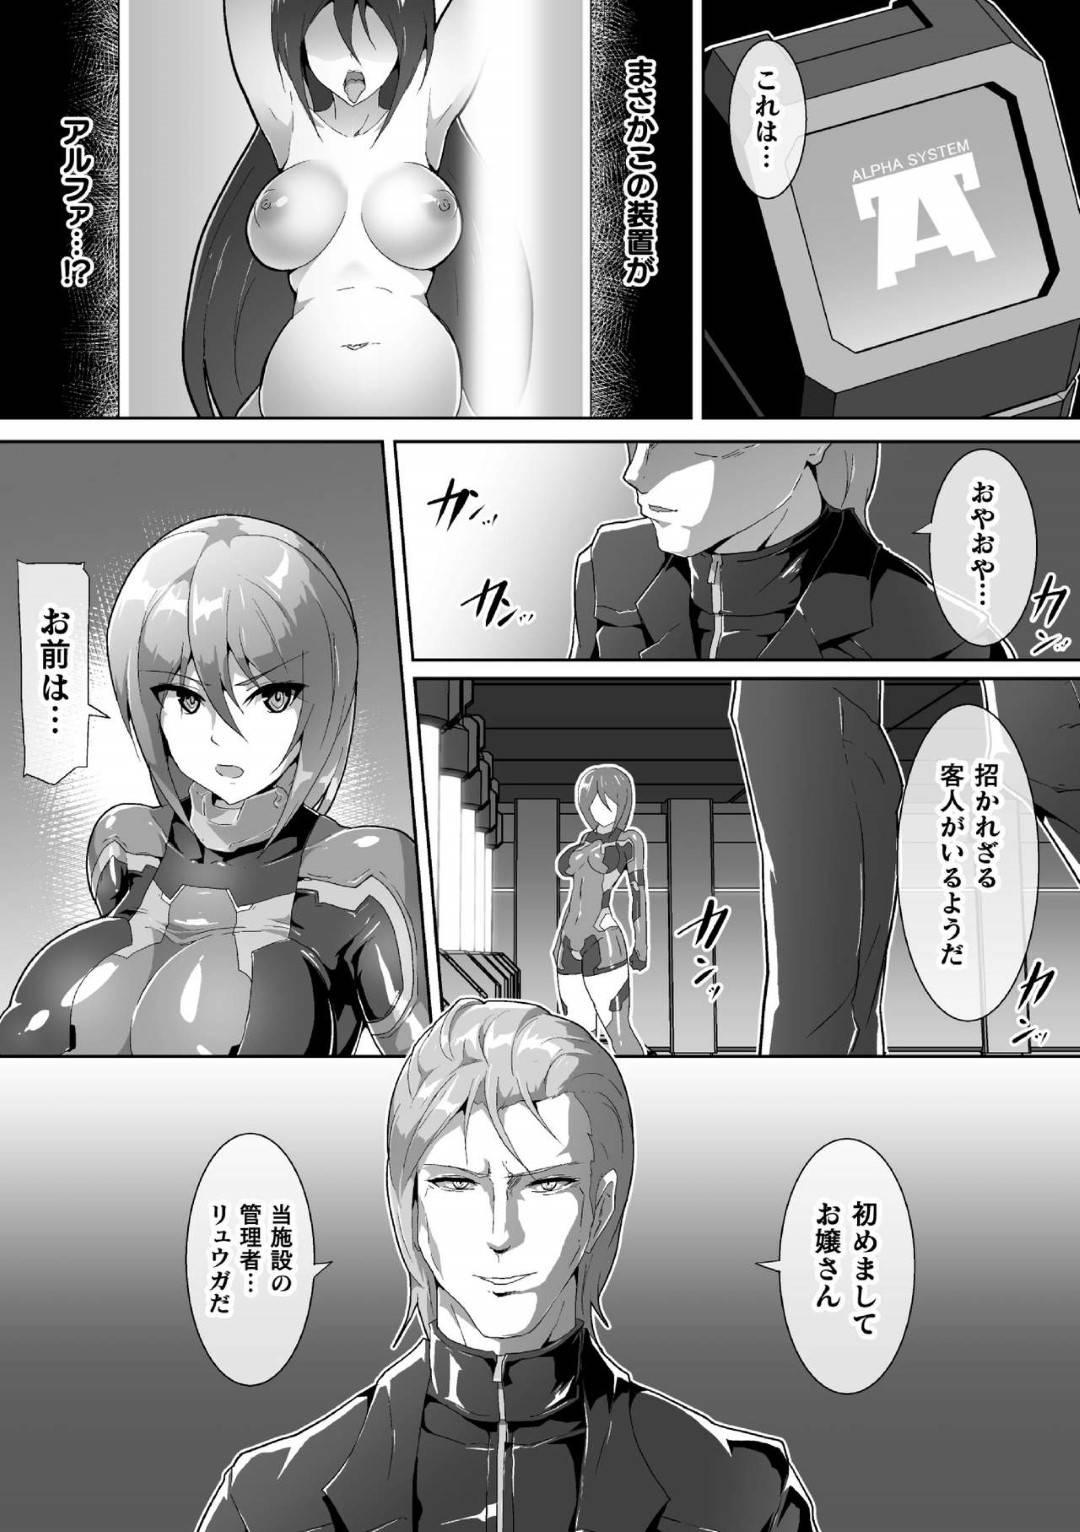 【エロ漫画】敵の基地に忍び込んだ女スパイは見つかって拘束され触手レイプで二穴中出しされて快楽堕ち